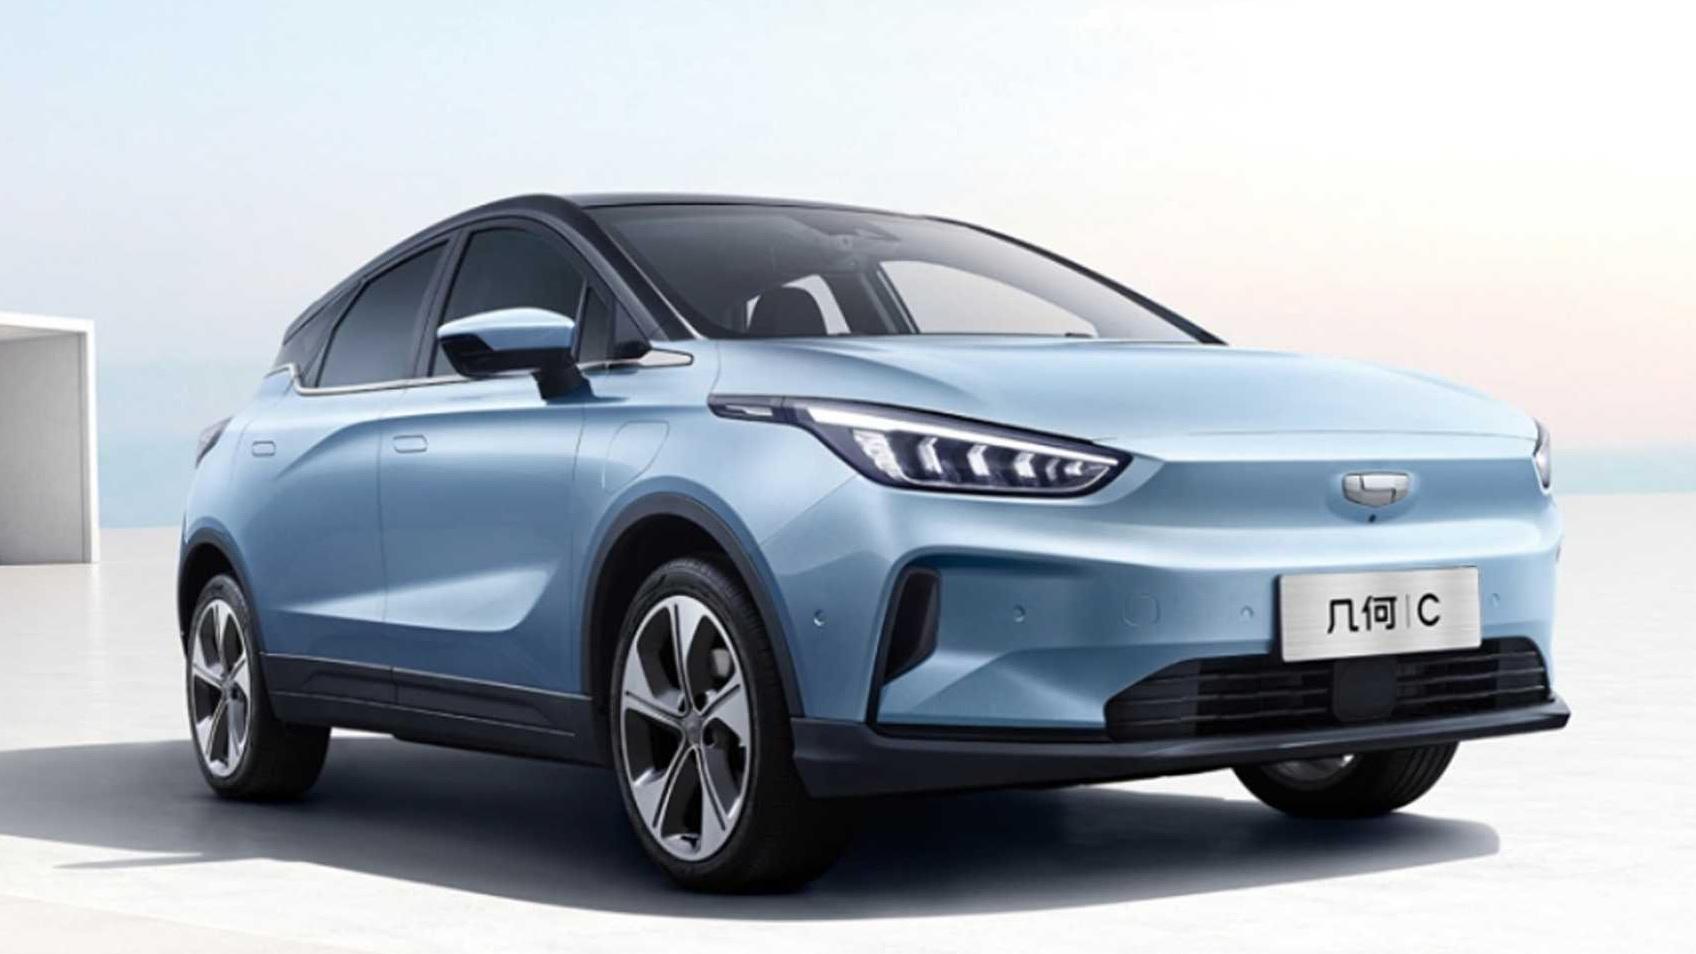 Baidu: H κινεζική Google θα φτιάξει ηλεκτρικό αυτοκίνητο!